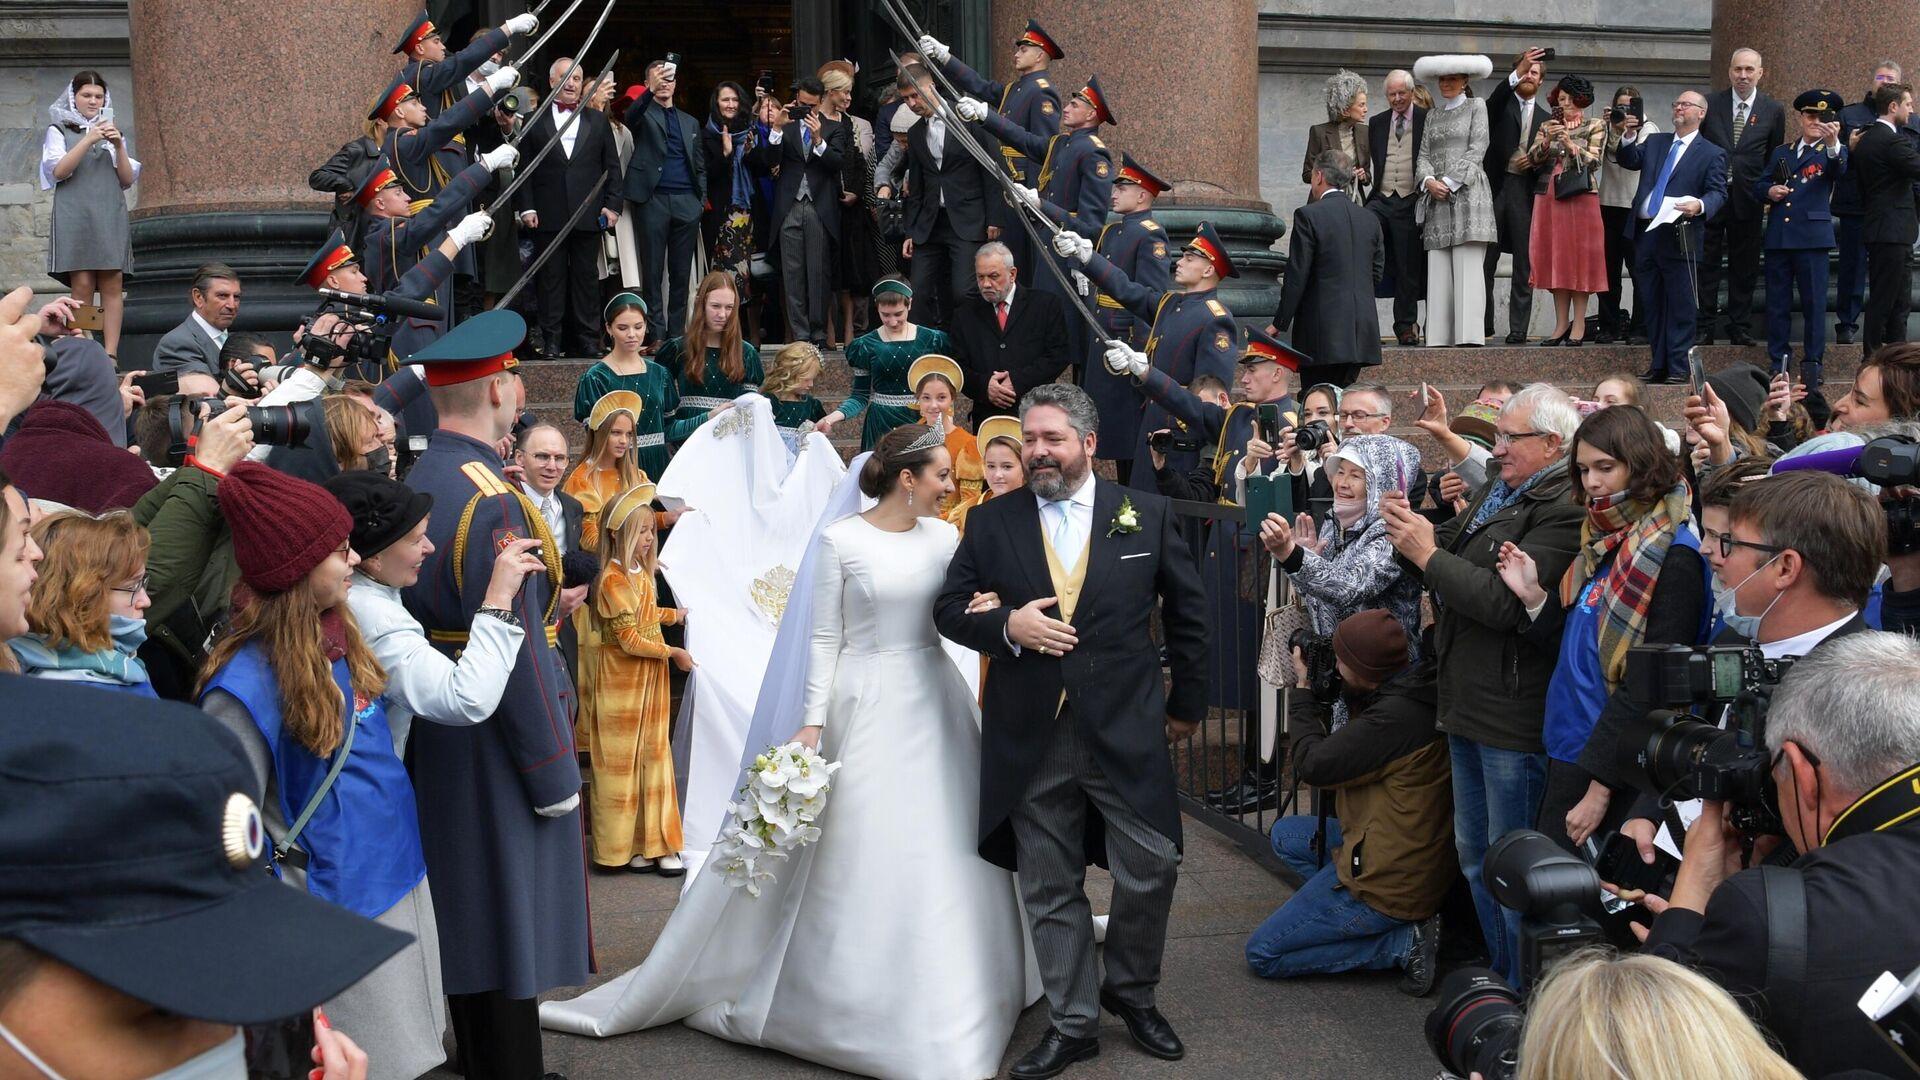 La boda entre Jorge Románov y Rebecca Bettarini - Sputnik Mundo, 1920, 02.10.2021